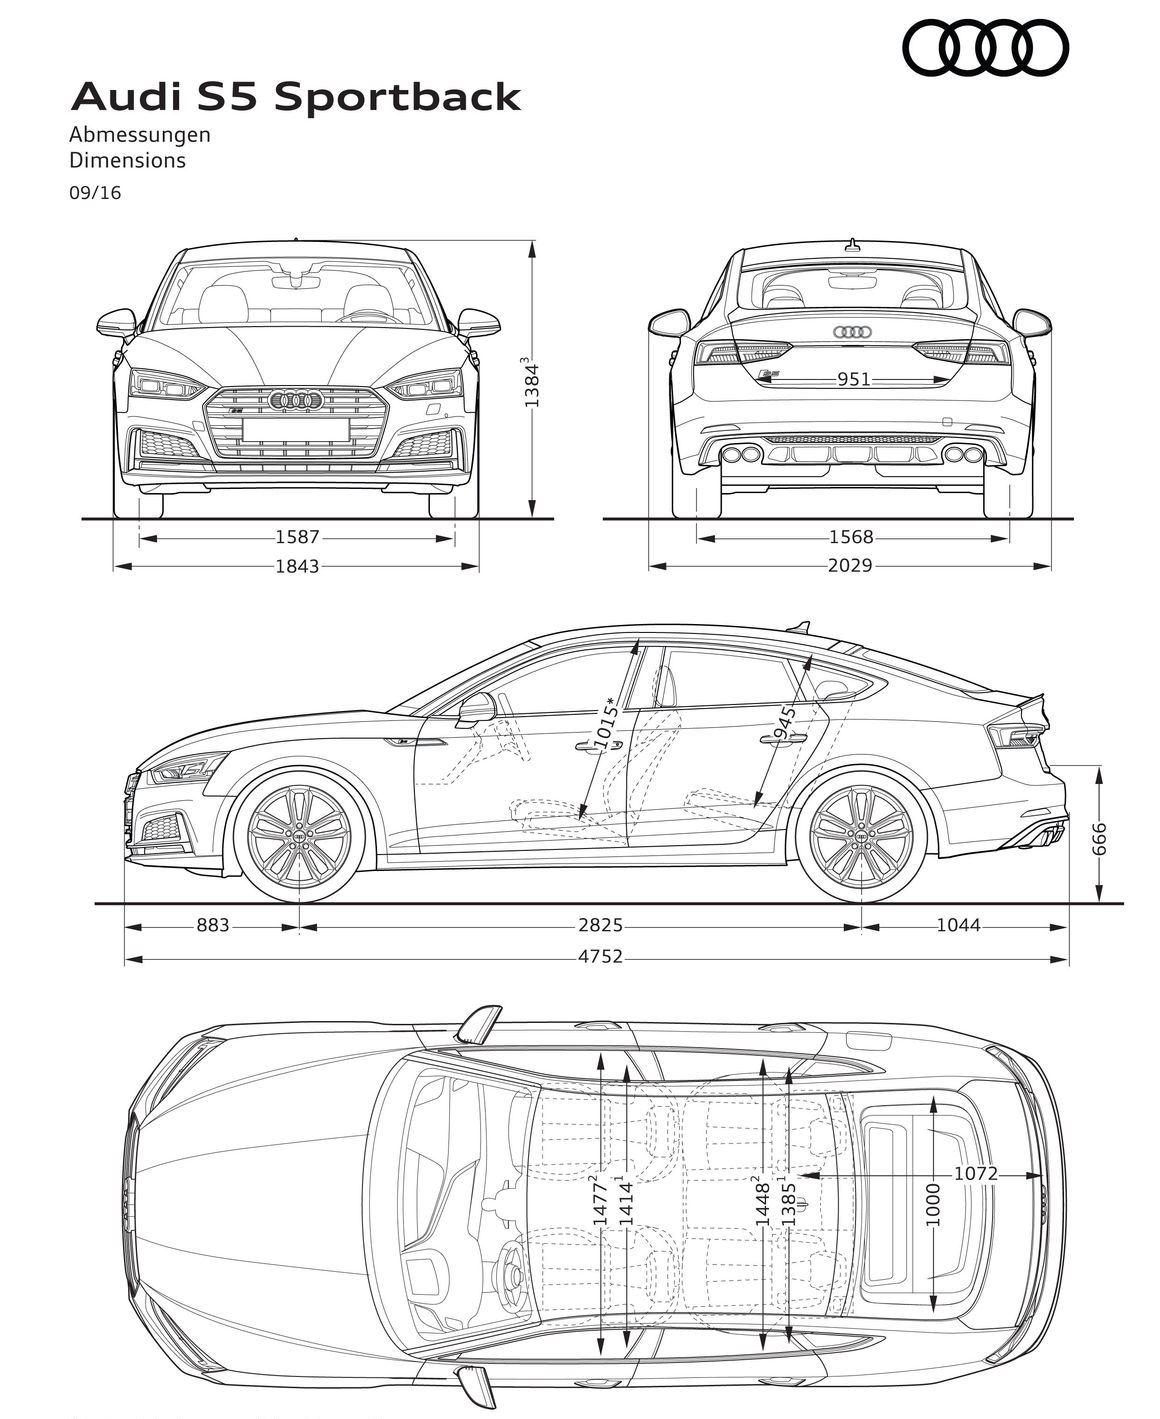 Audi S5 Sportback 2016-2017 Dimensioni e Misure bagagliaio